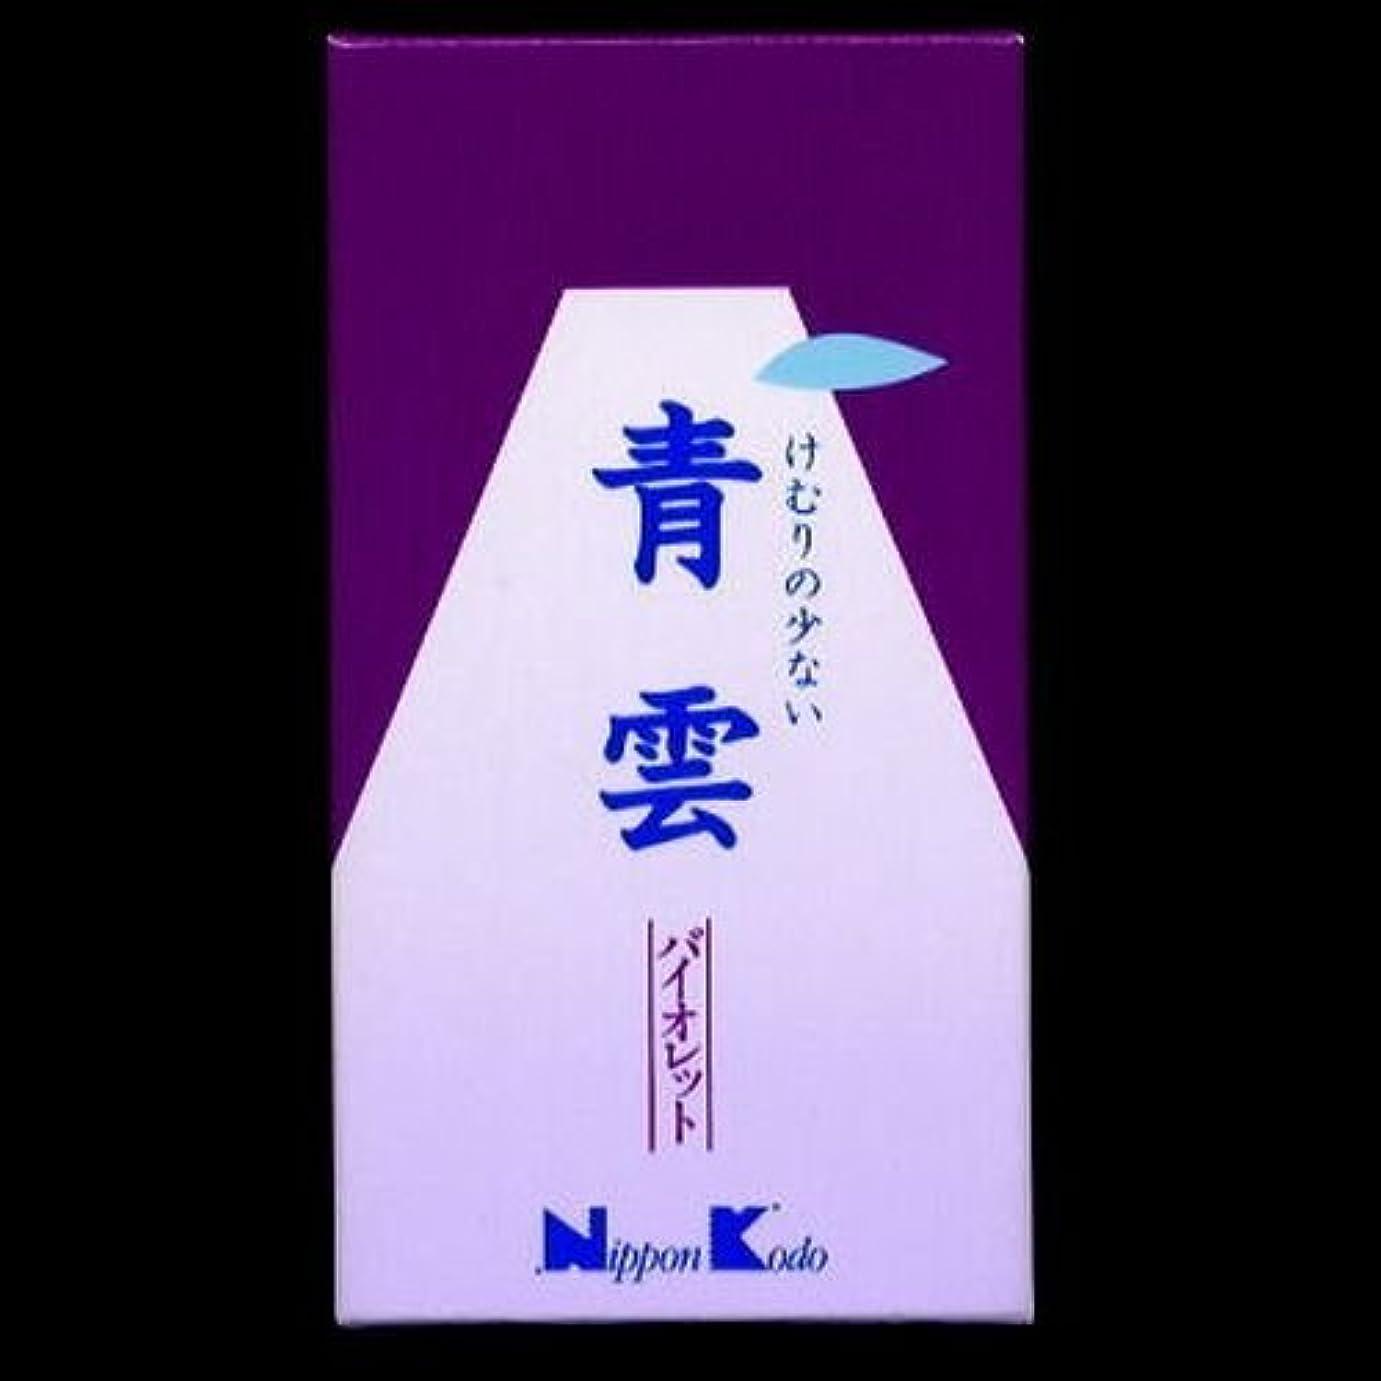 語航空根絶する【まとめ買い】青雲 バイオレット バラ詰 ×2セット